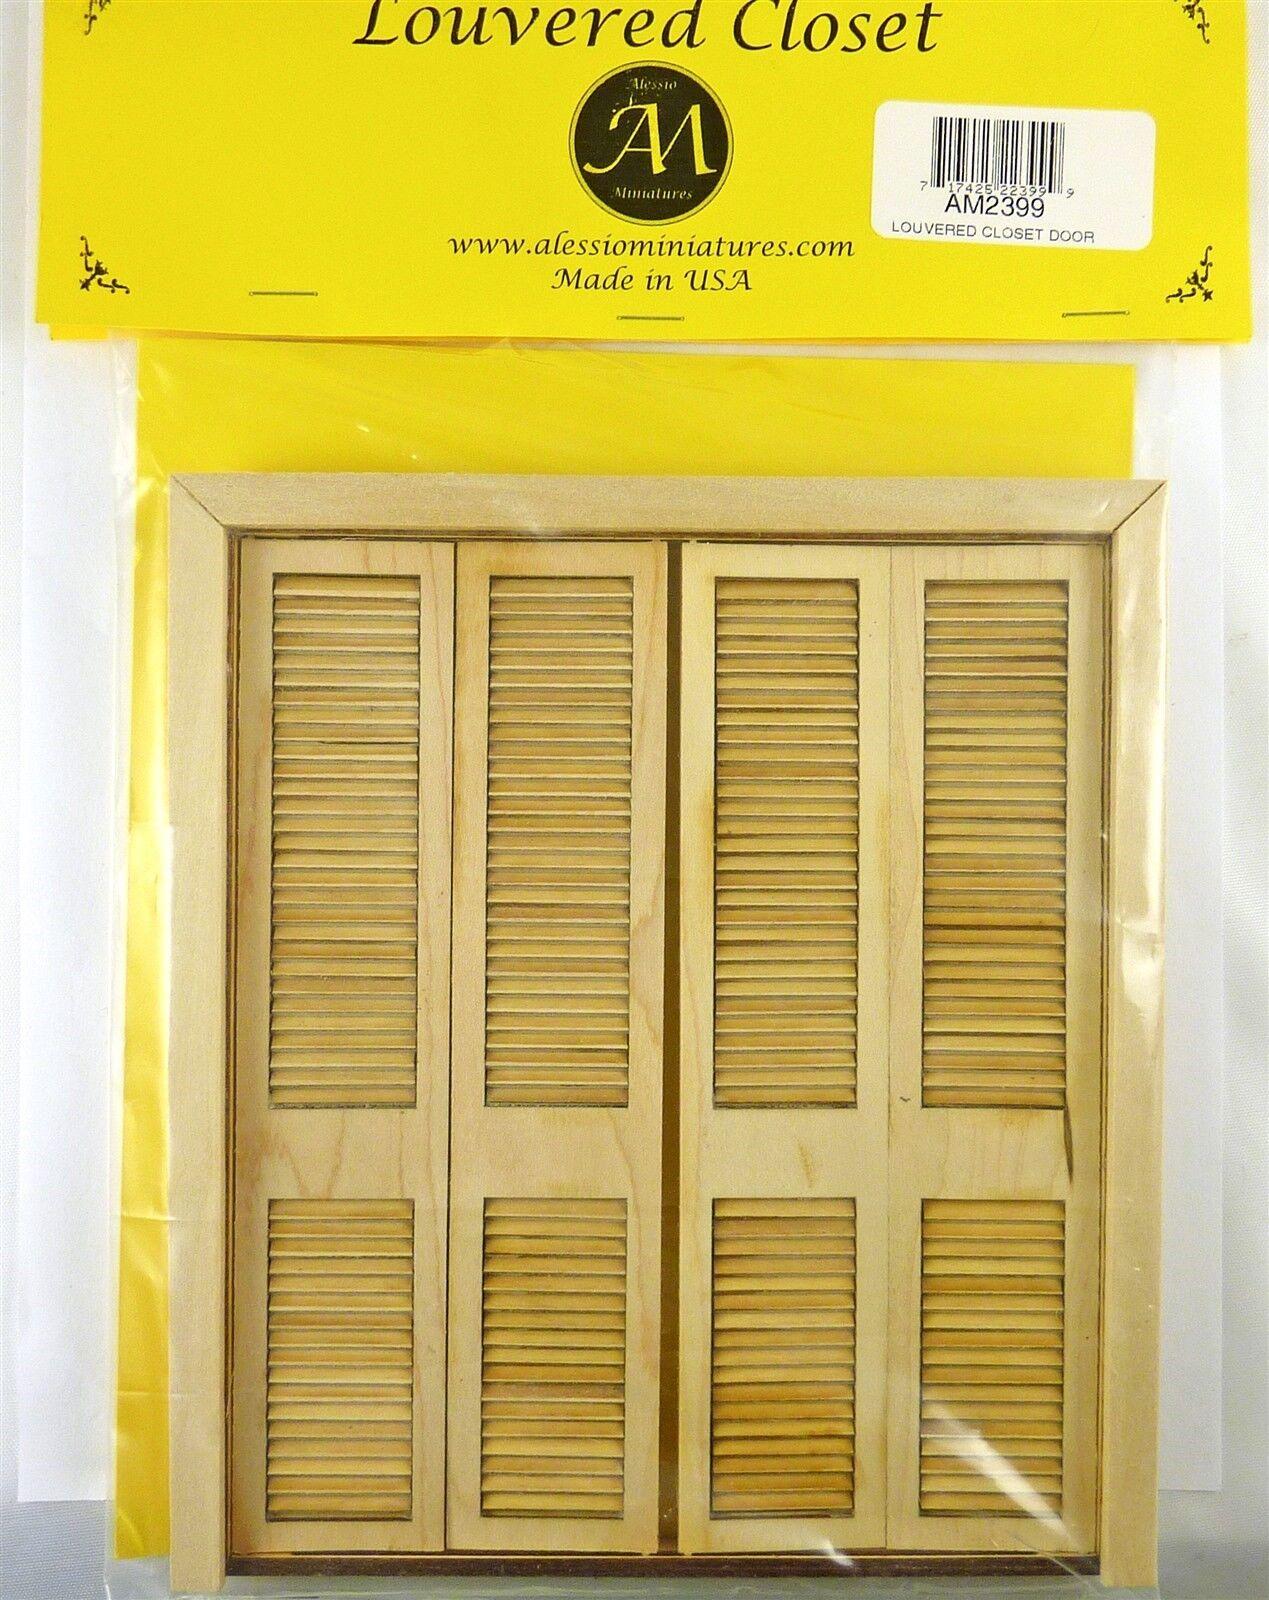 Dollhouse Miniature LouveROT Working Closet Door, AM2399